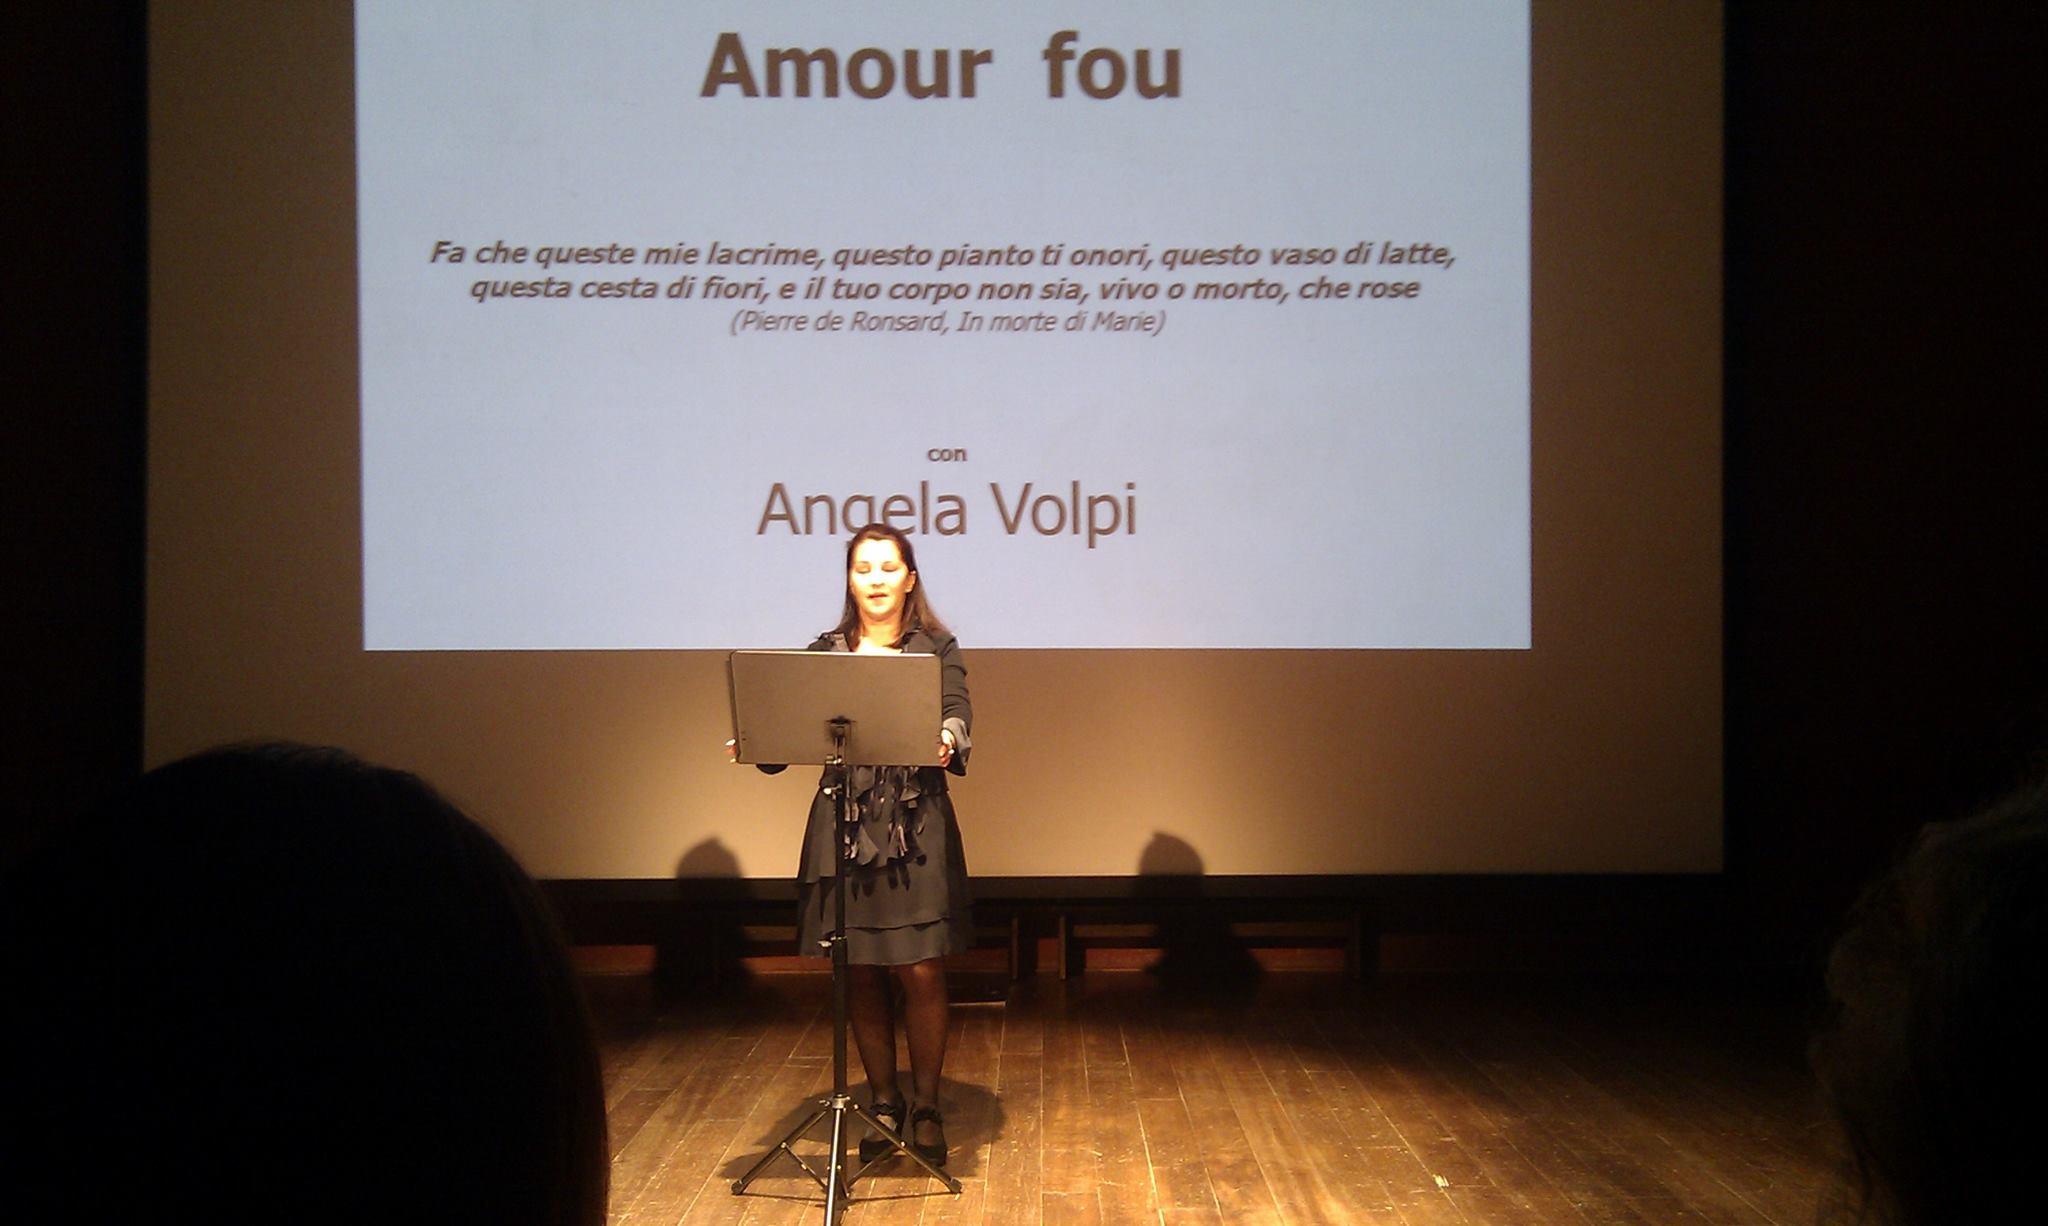 6_AmourFou_AngelaVolpi